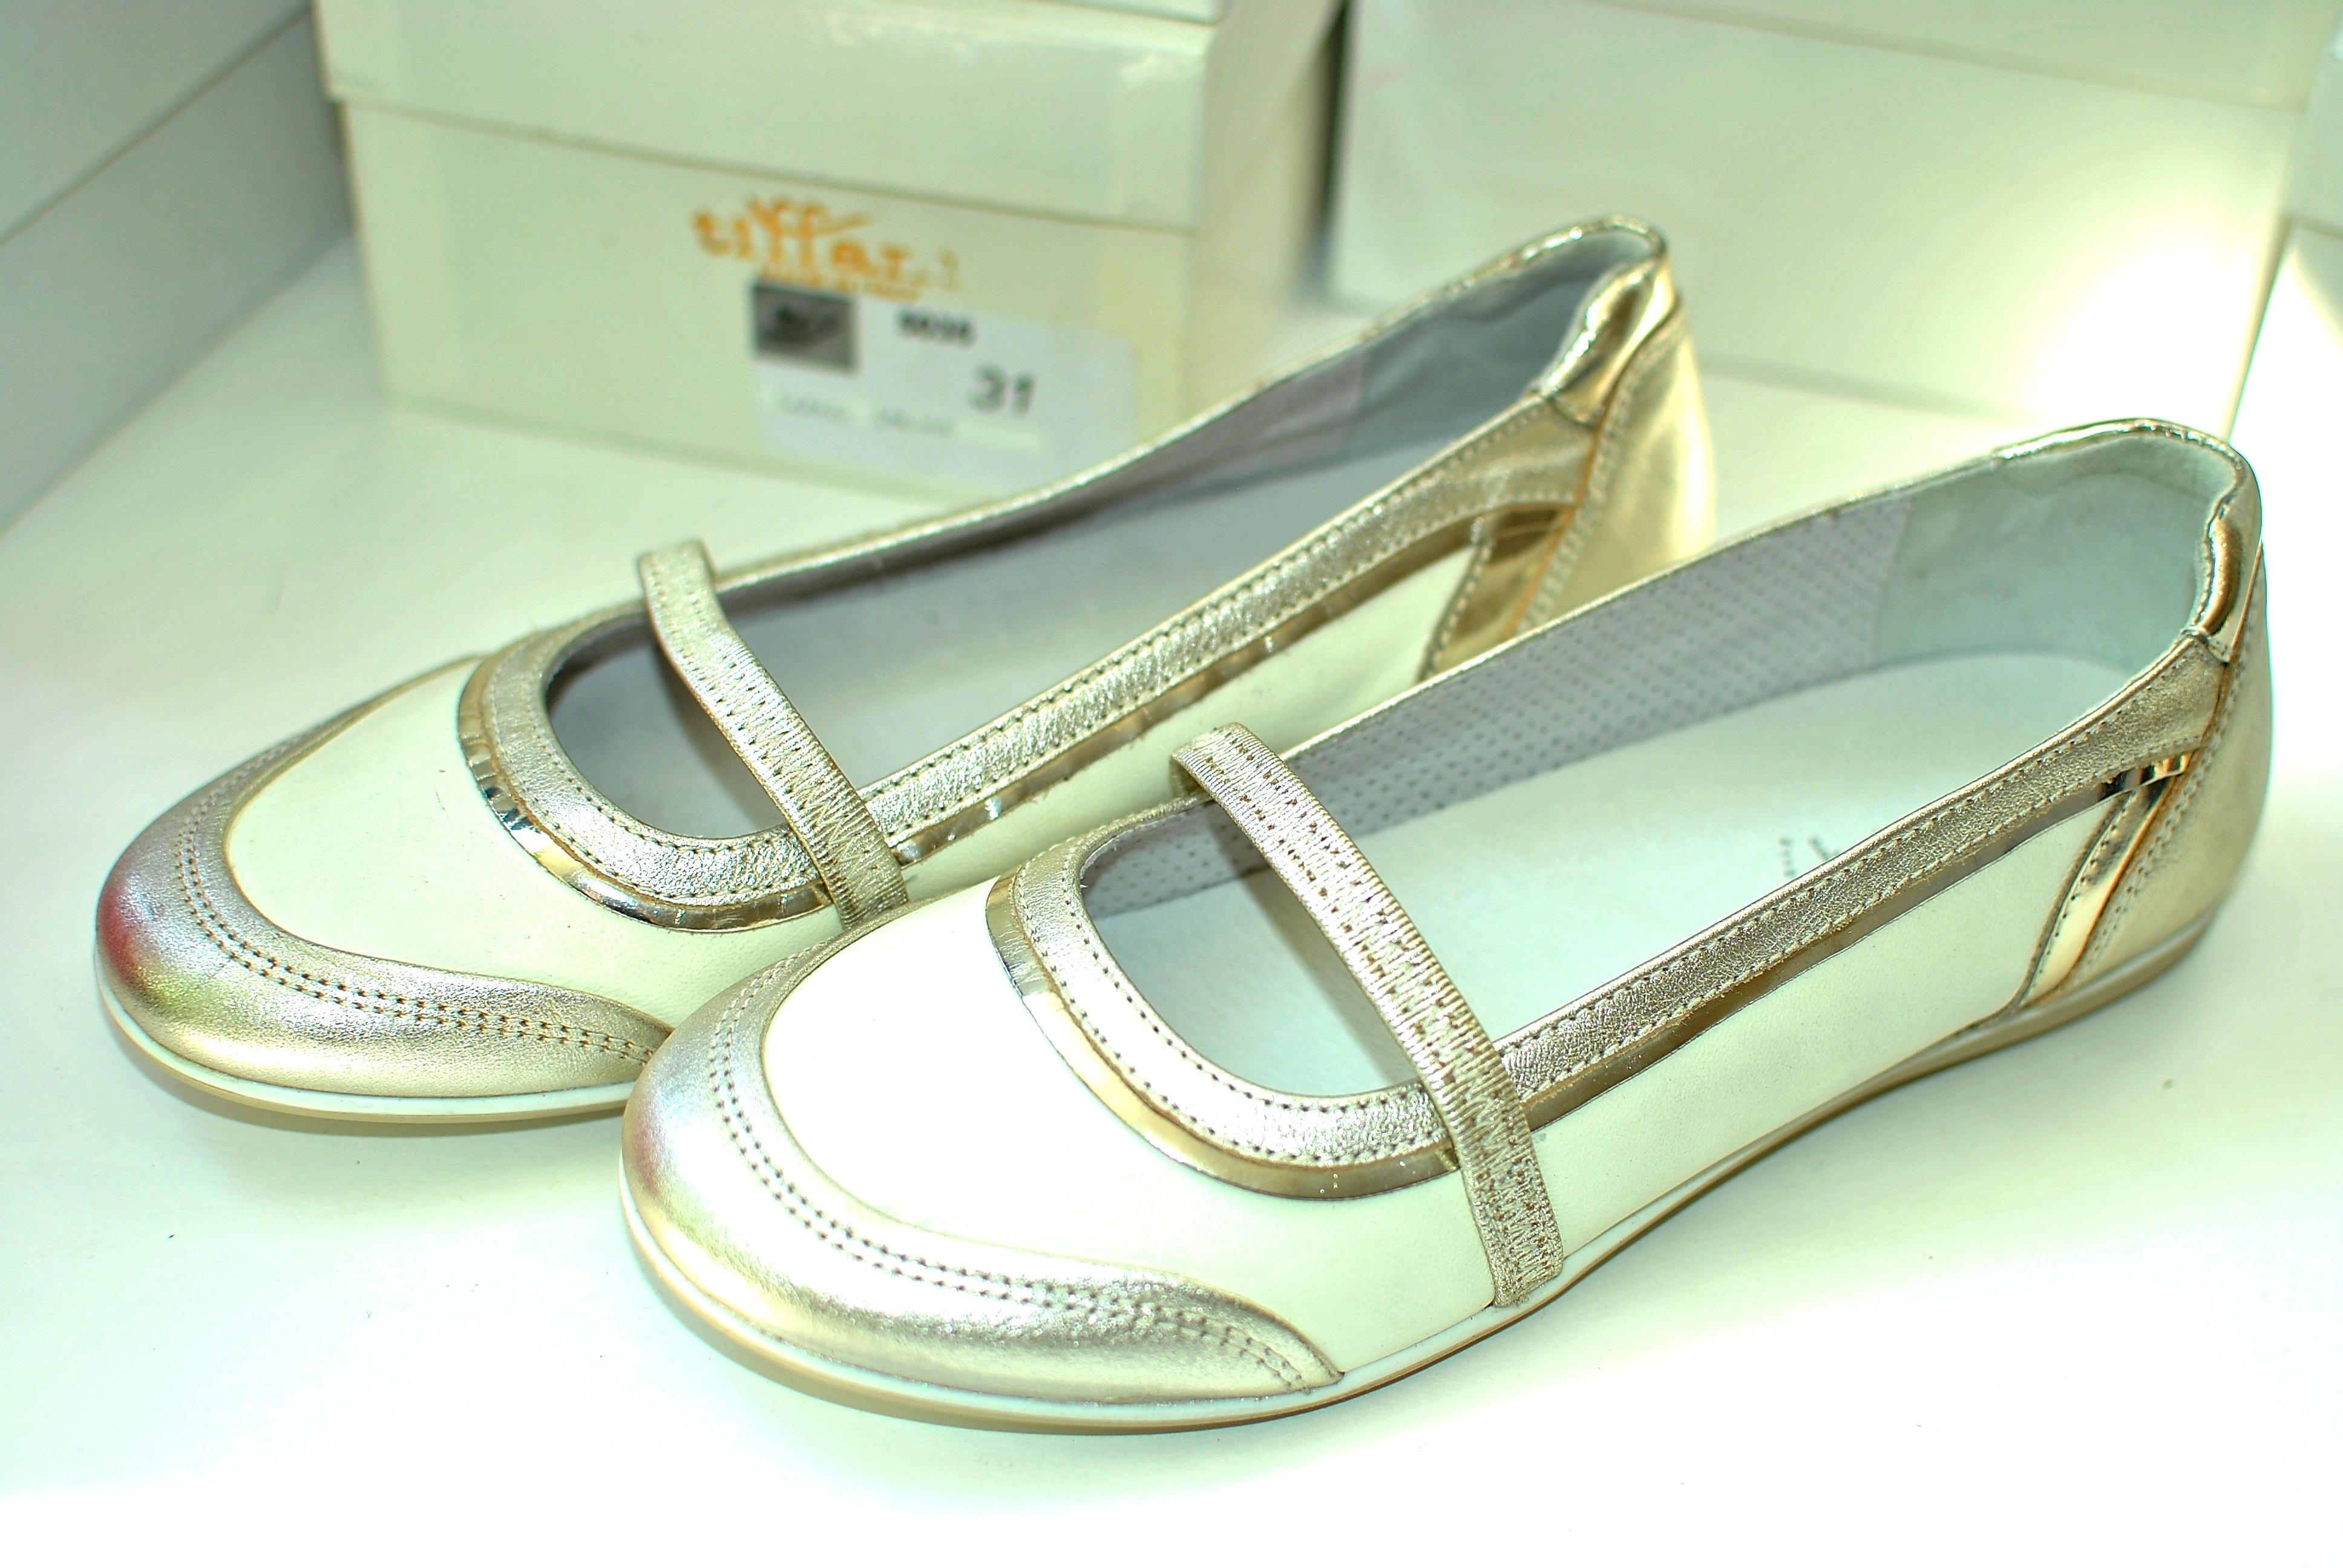 Фото 4: Итальянские кожаные туфли Nero Giardini для девочек